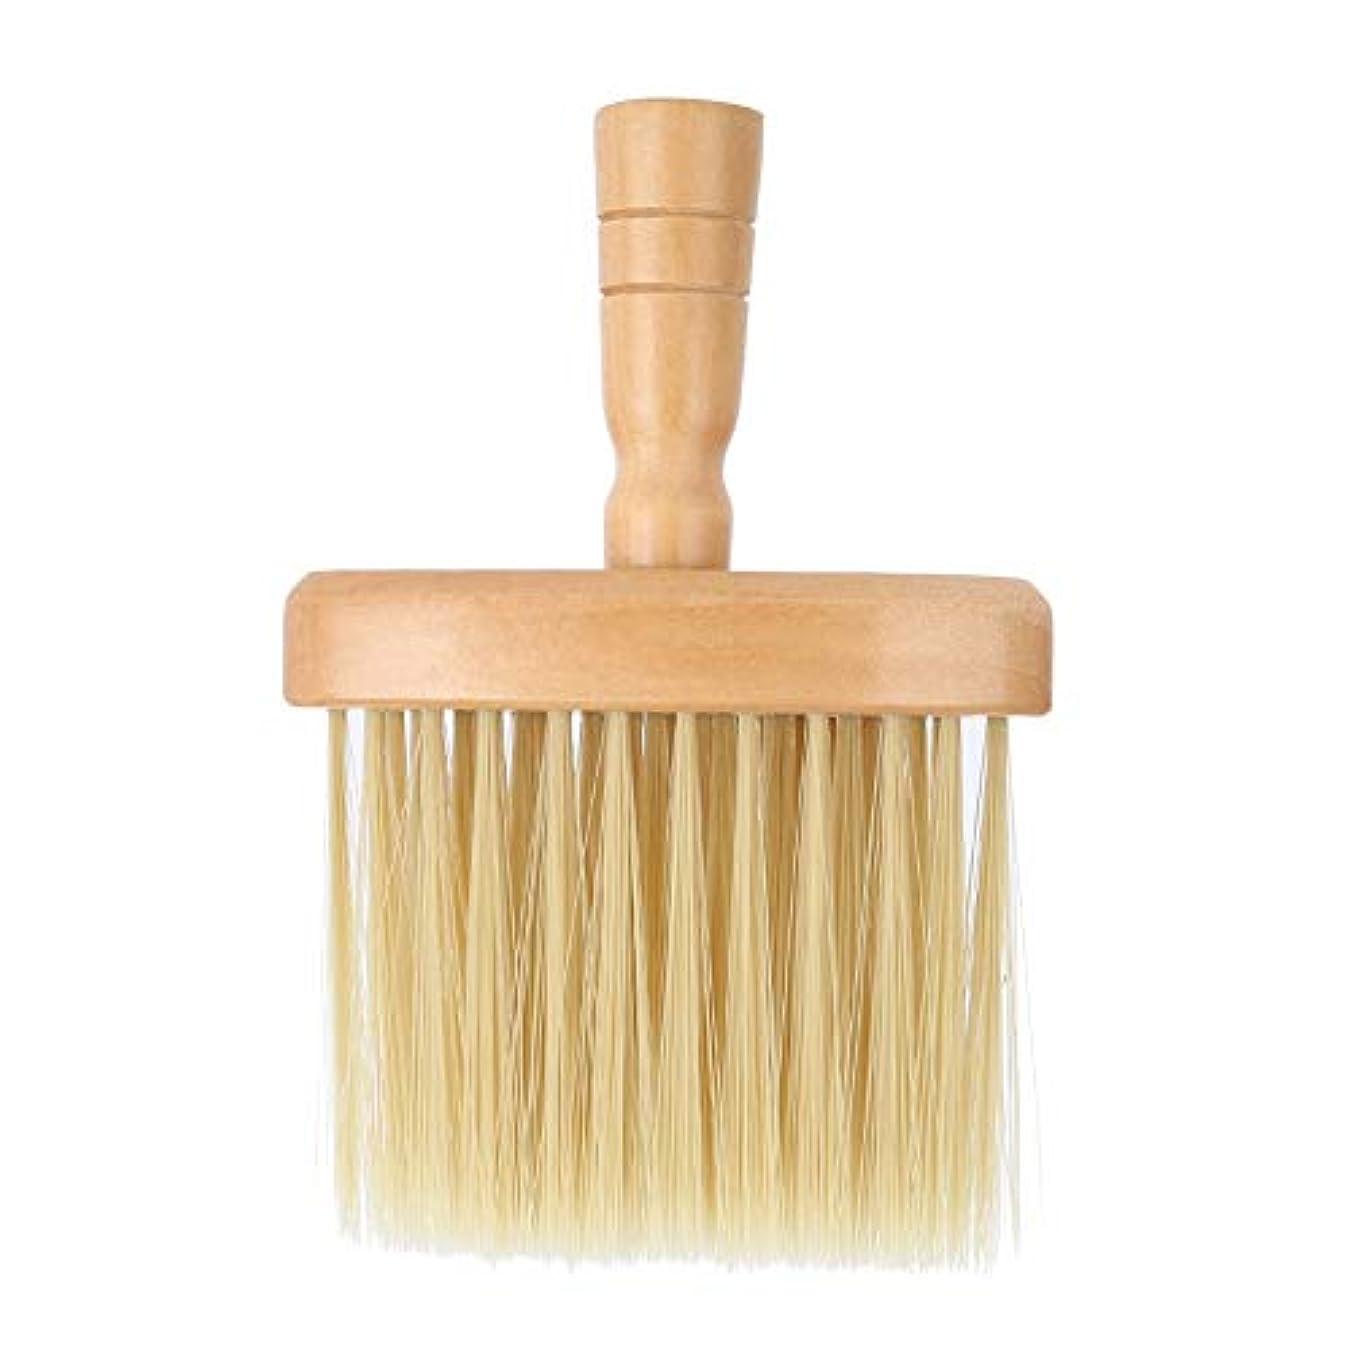 暴露バーター費やすヘアカットブラシネックフェイスダスターブラシサロンヘアクリーニング木製掃除ブラシヘアカット理髪ツール